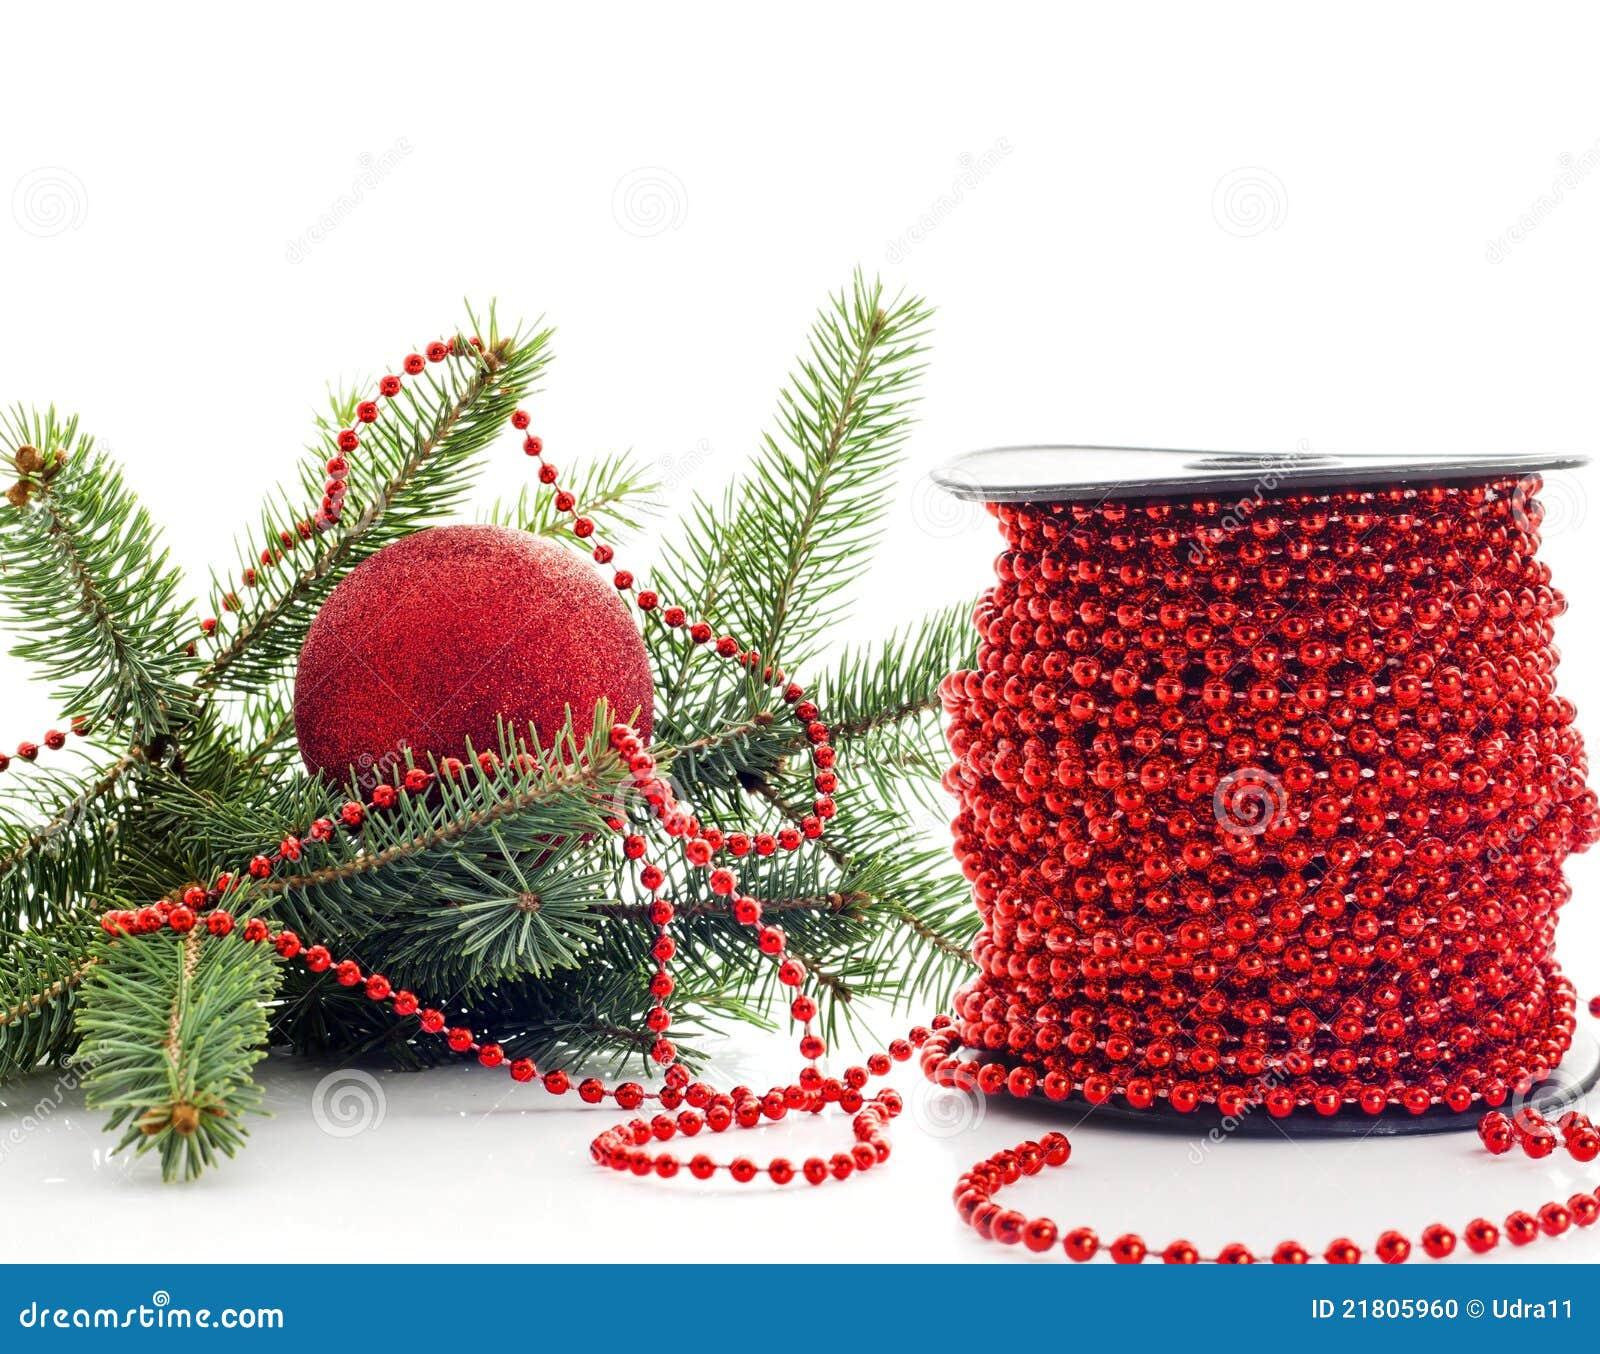 Prepare To Dressing Christmas Tree Stock Photo Image